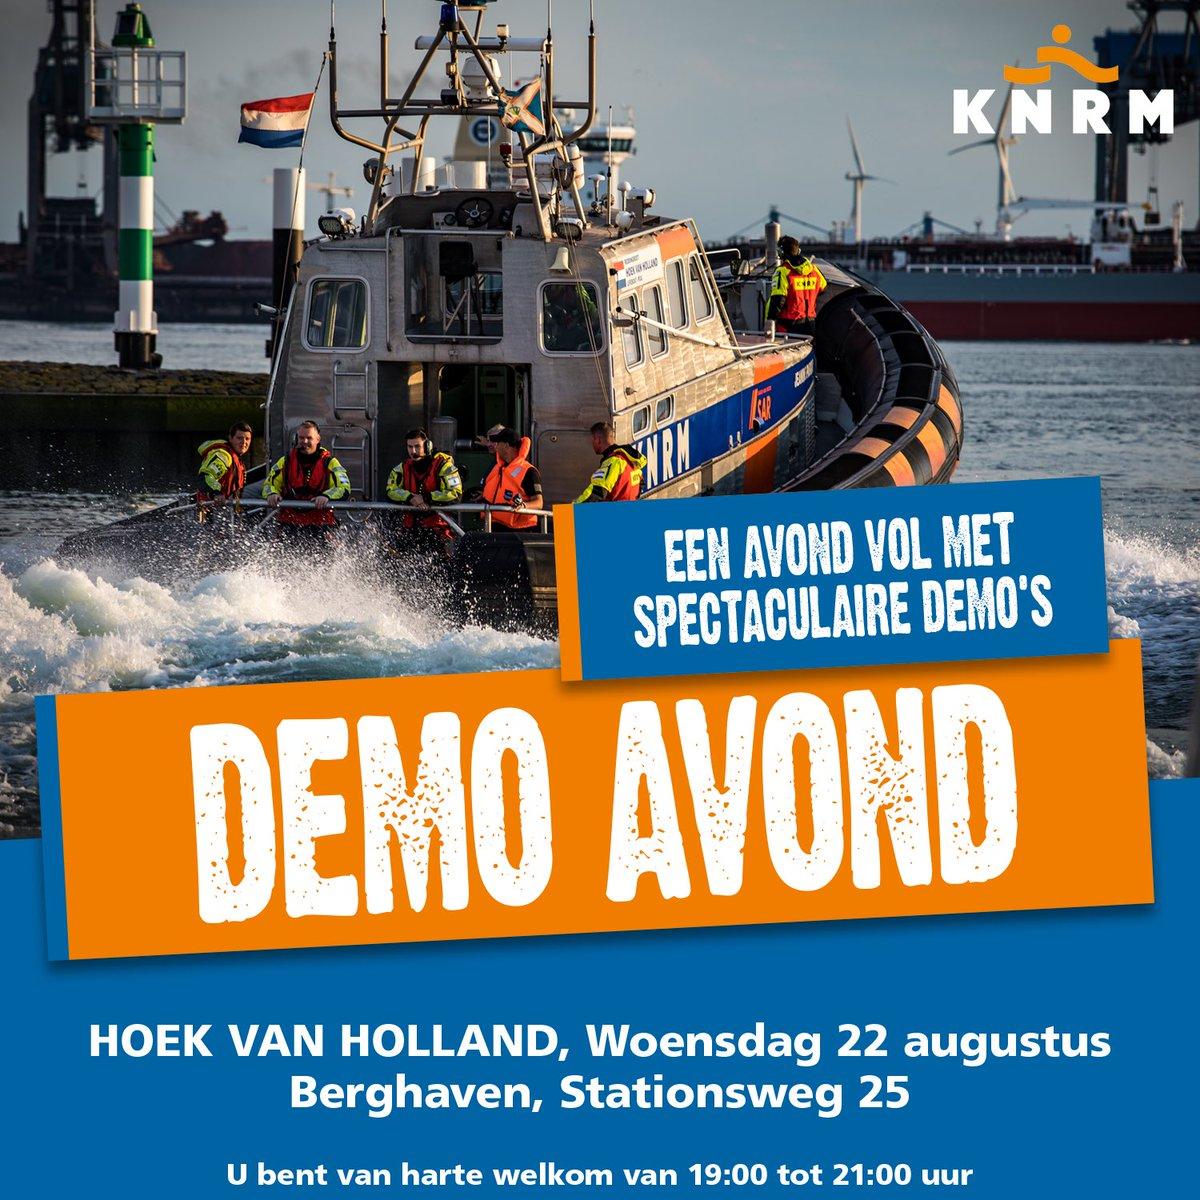 Demo-avond KNRM en reddingsbrigade in Hoek van Holland